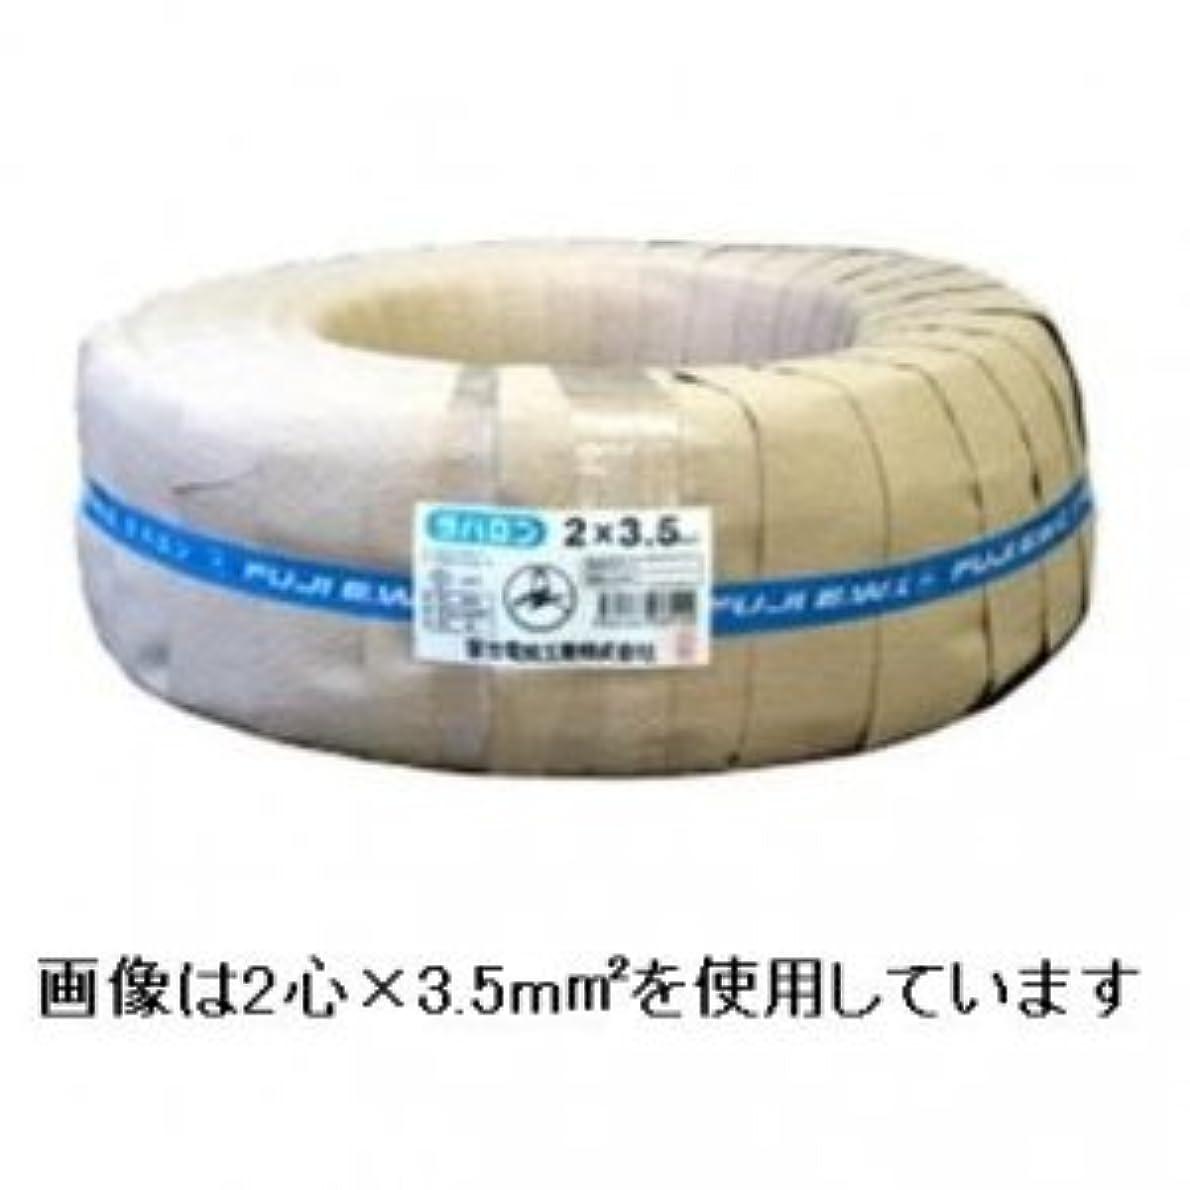 バランスのとれたわかりやすいによると富士電線 ラバロンVCT 600V ソフトビニルキャブタイヤ丸形ケーブル 2心 5.5m㎡ 100m巻き ラバロンVCT5.5×2C×100m